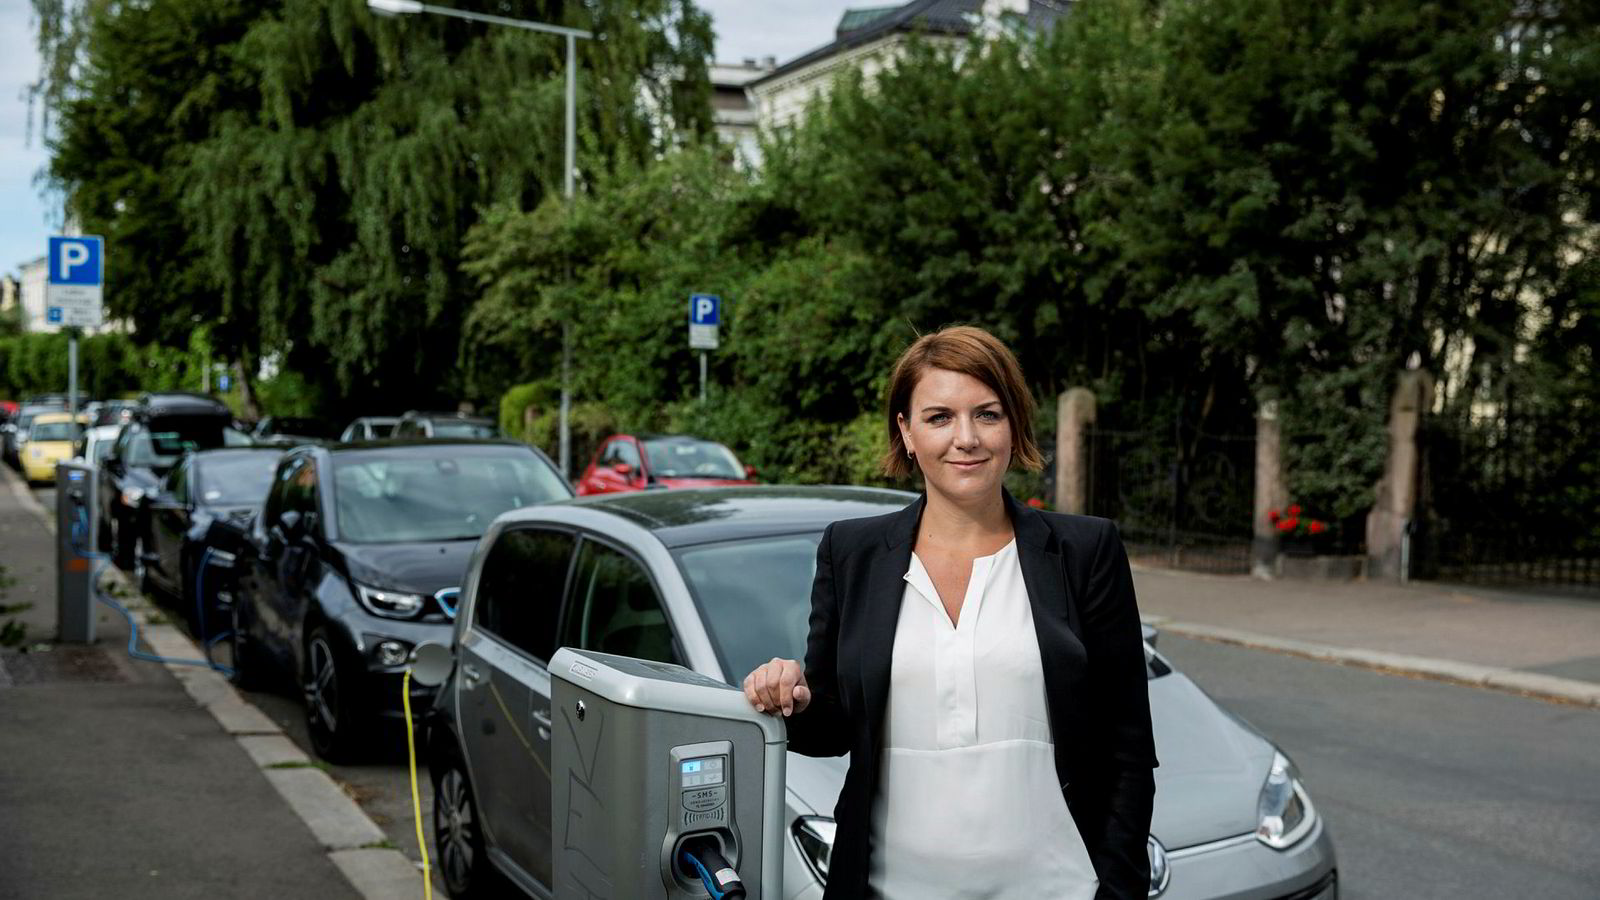 Christina Bu, generalsekretær i Norsk elbilforening, mener politikerne må planlegge ladeinfrastruktur for det store antallet elbiler som kommer de nærmeste årene.